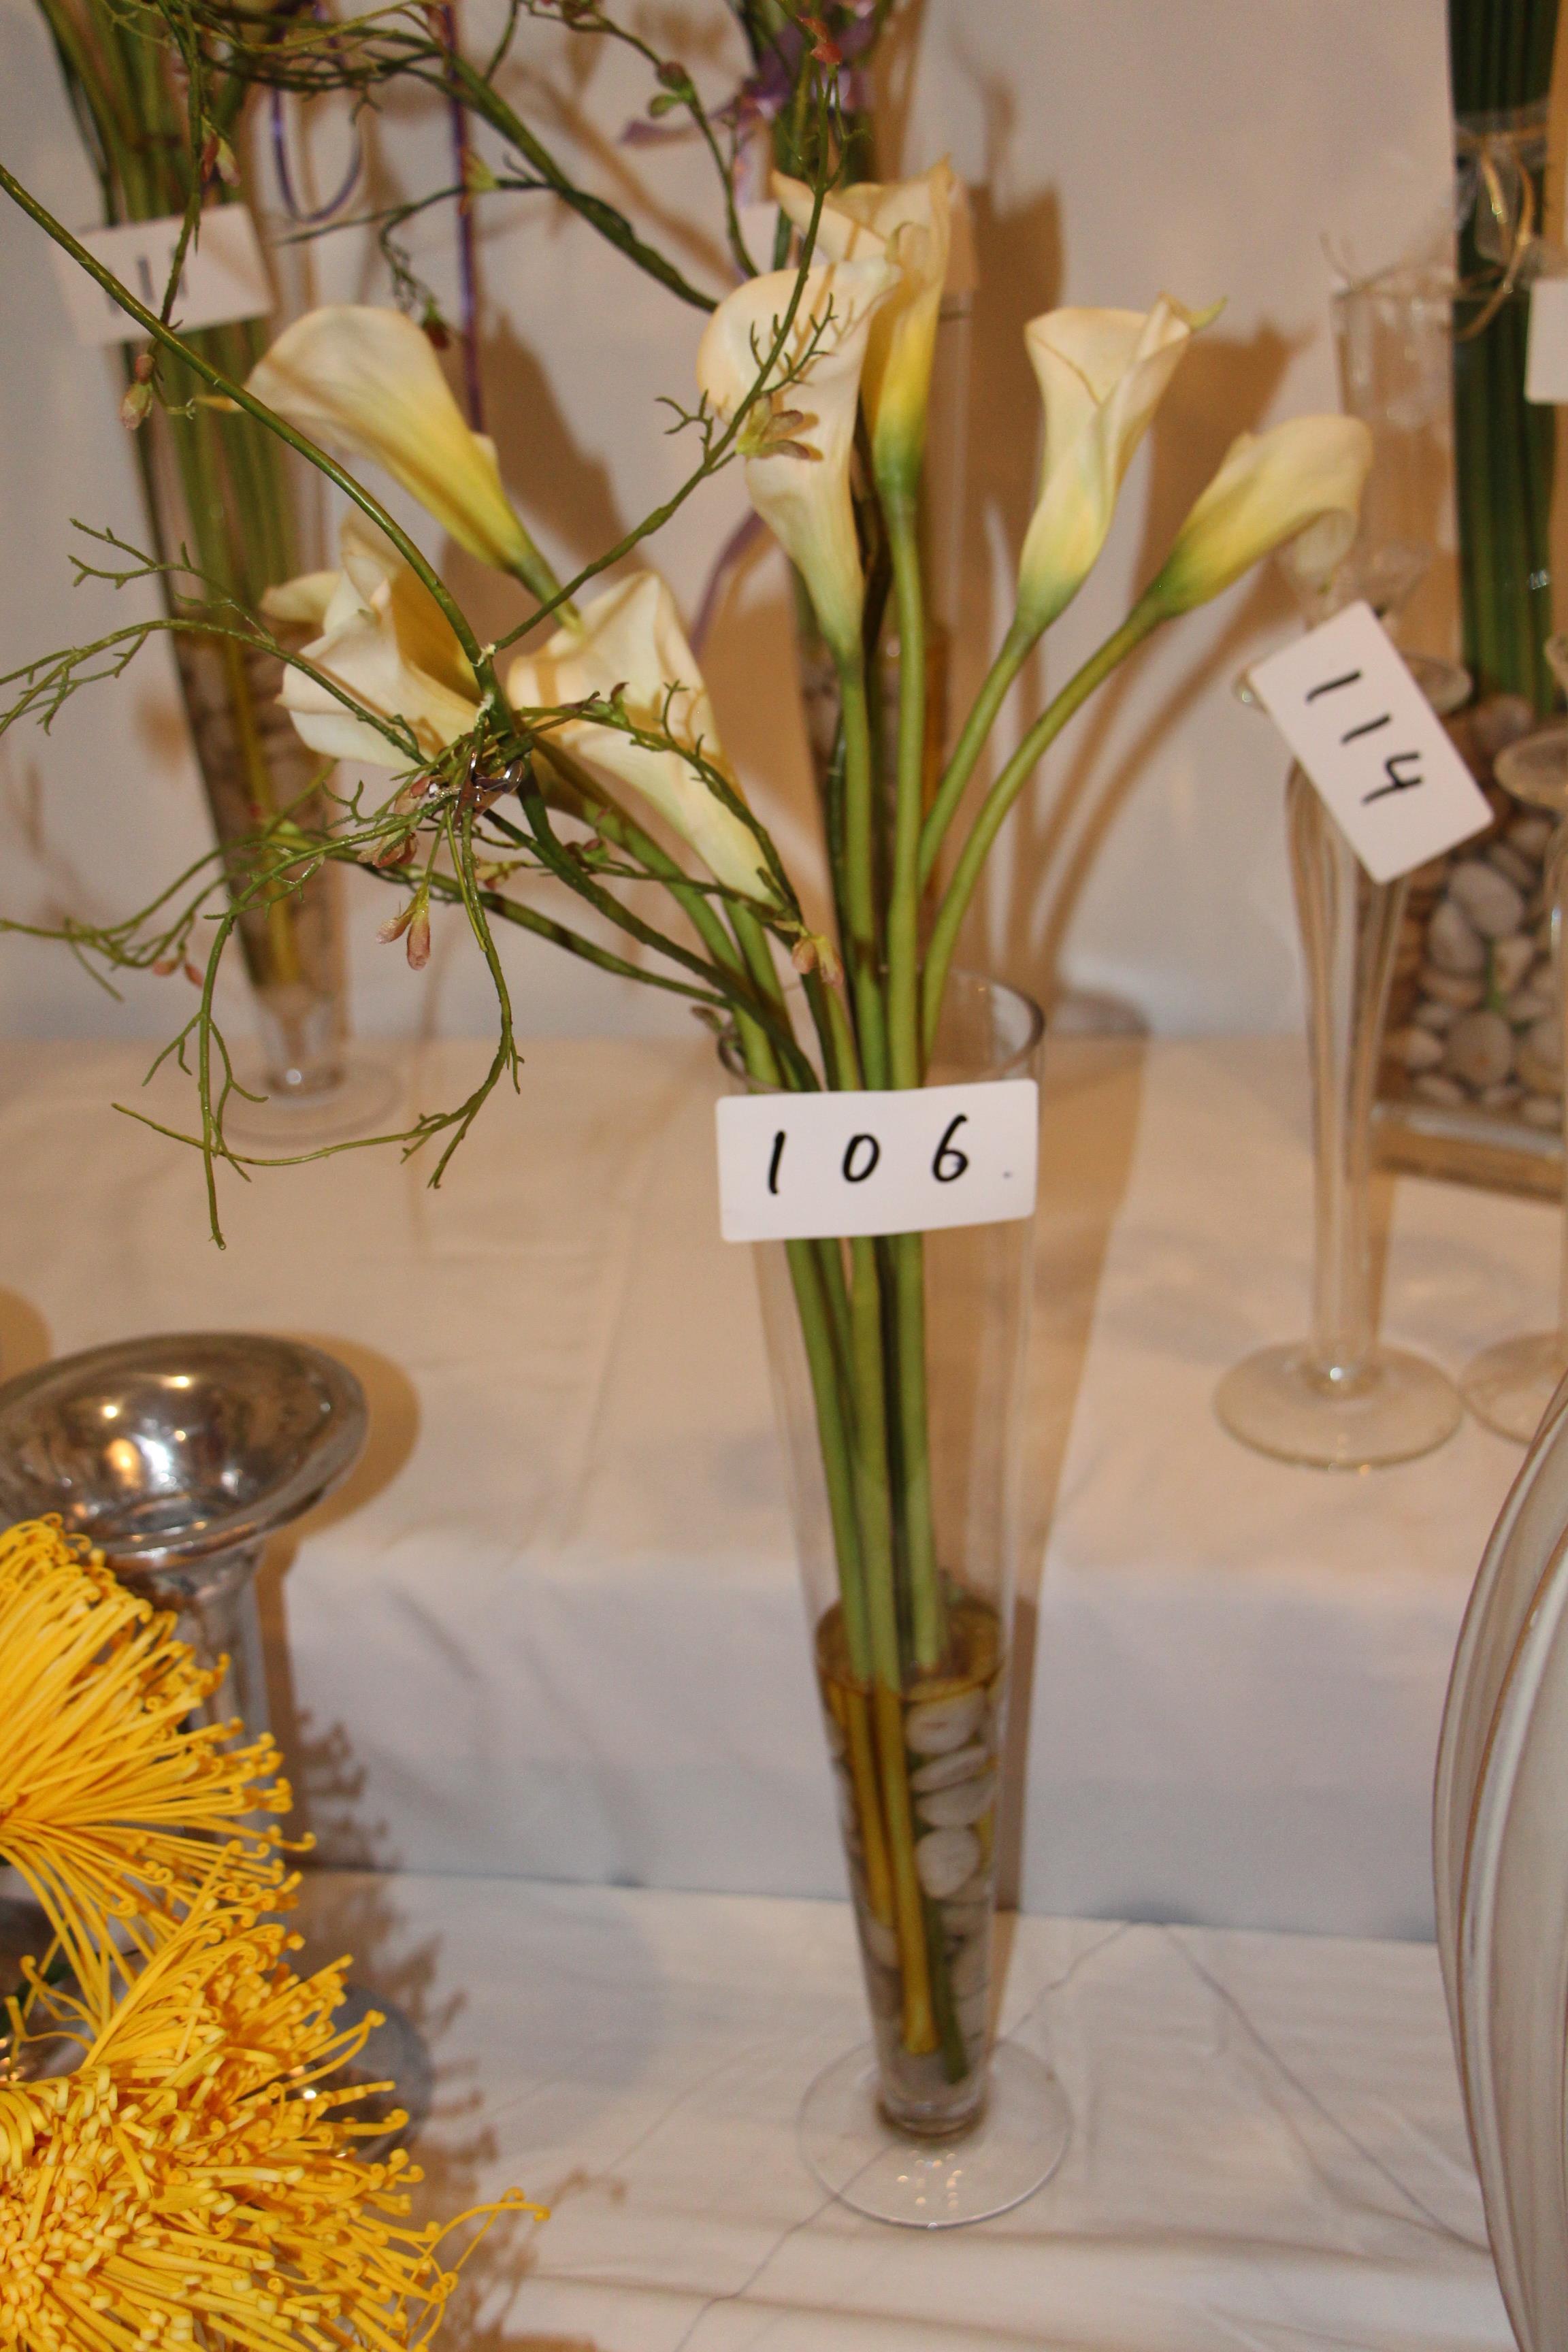 Lot 106 - Faux flower arrangement w/ glass vase